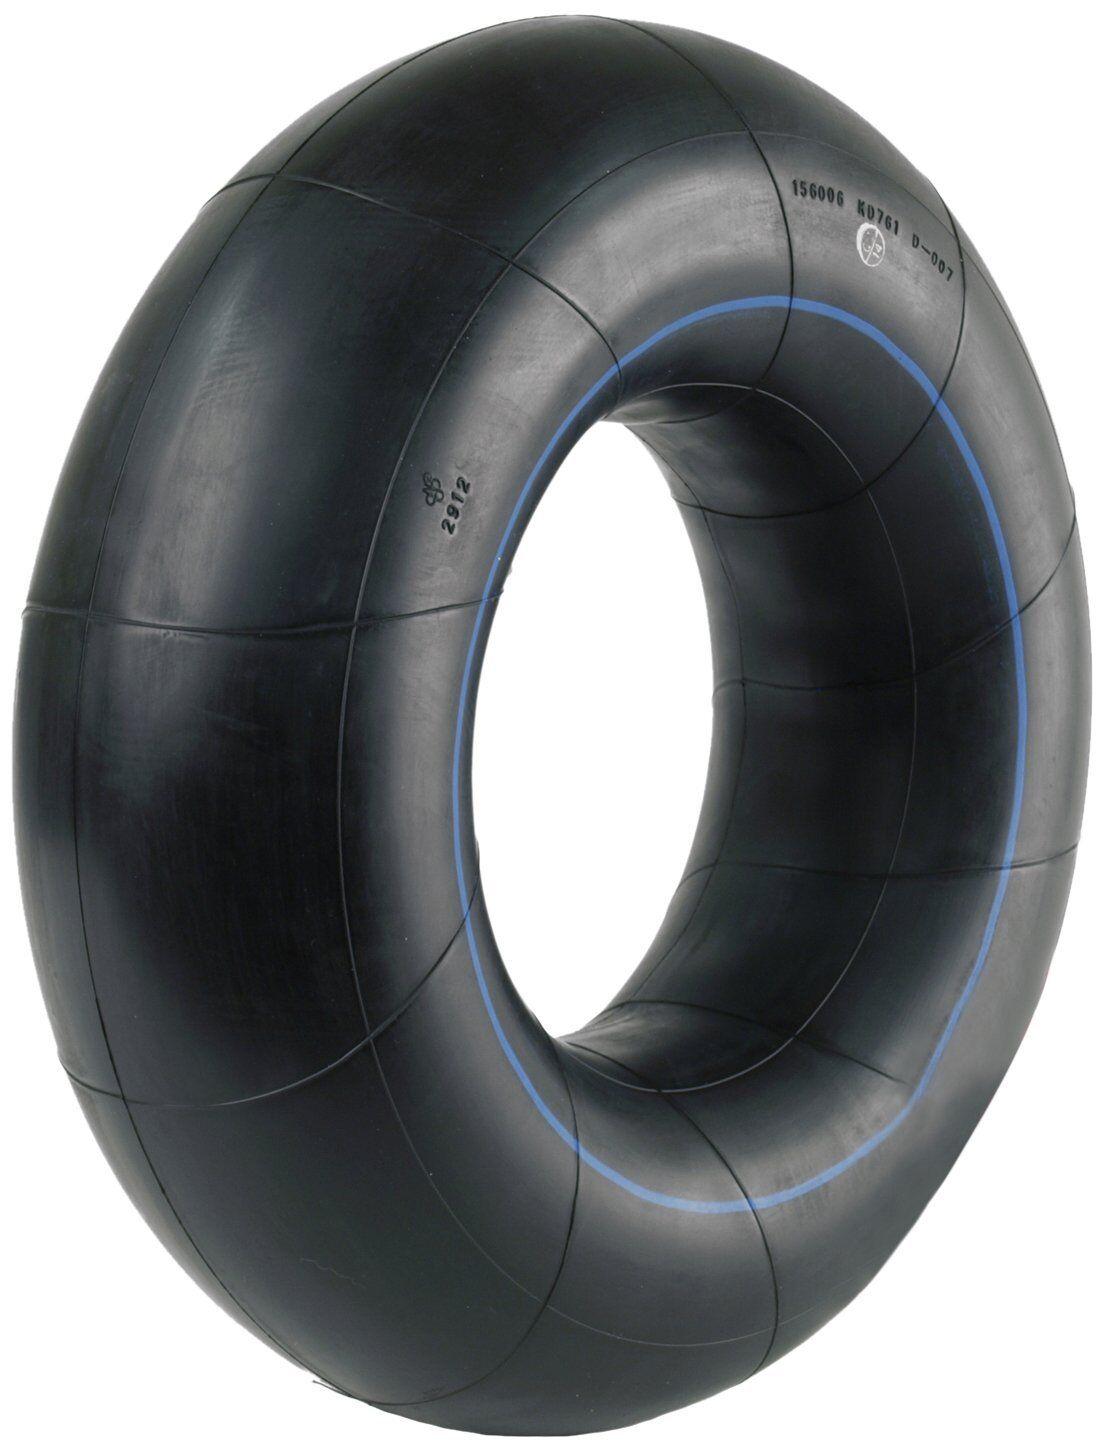 Martin Wheel T810k Butyl Rubber Inner Tube, 20x800-10